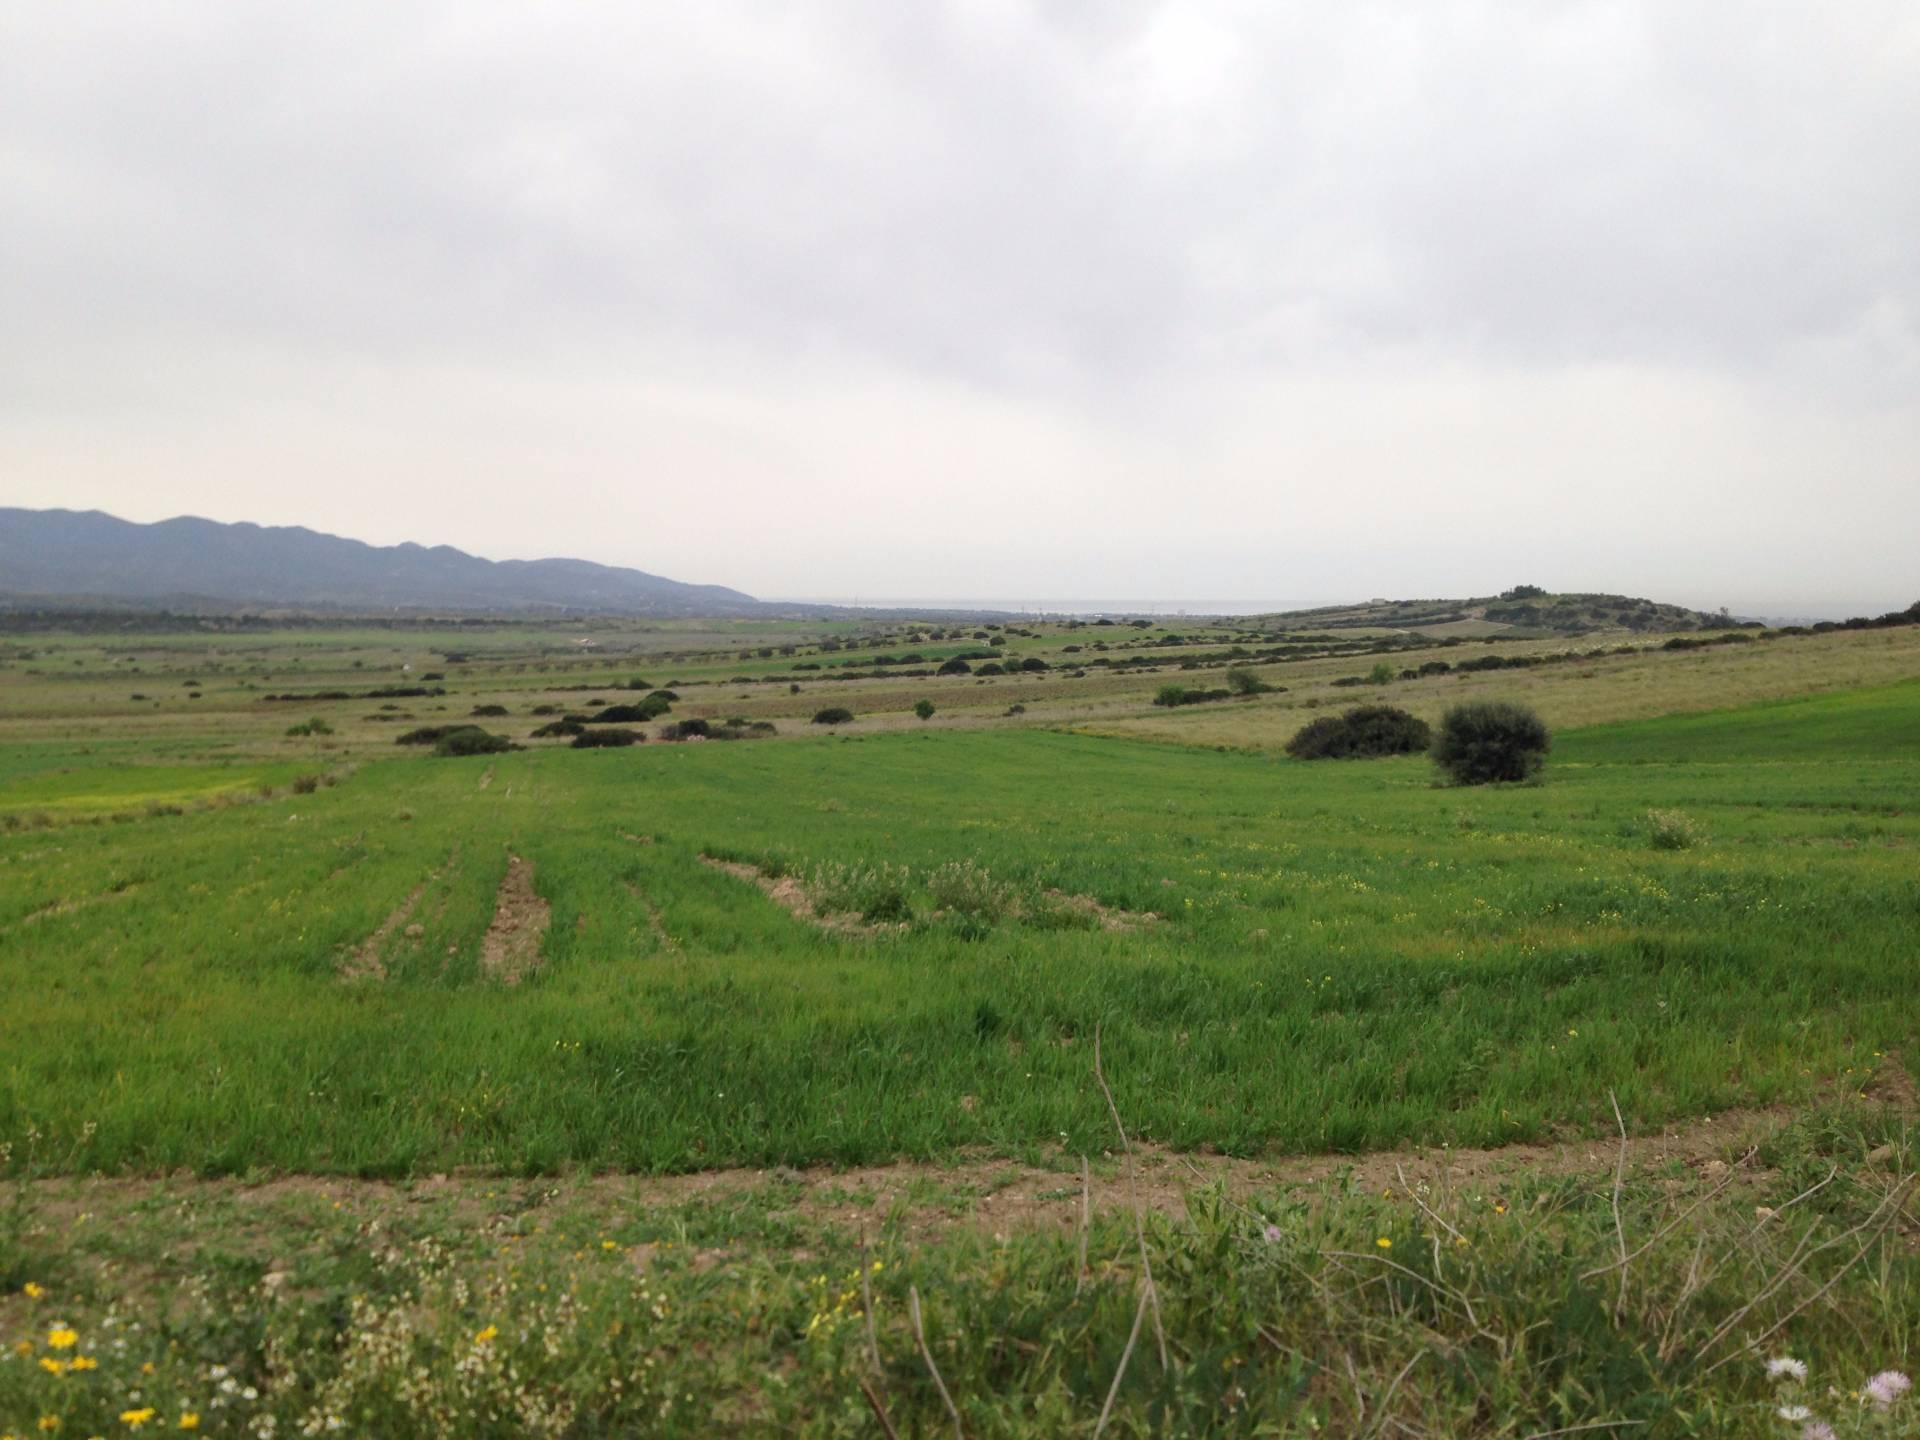 Terreno Agricolo in vendita a Maracalagonis, 9999 locali, prezzo € 14.500 | Cambio Casa.it